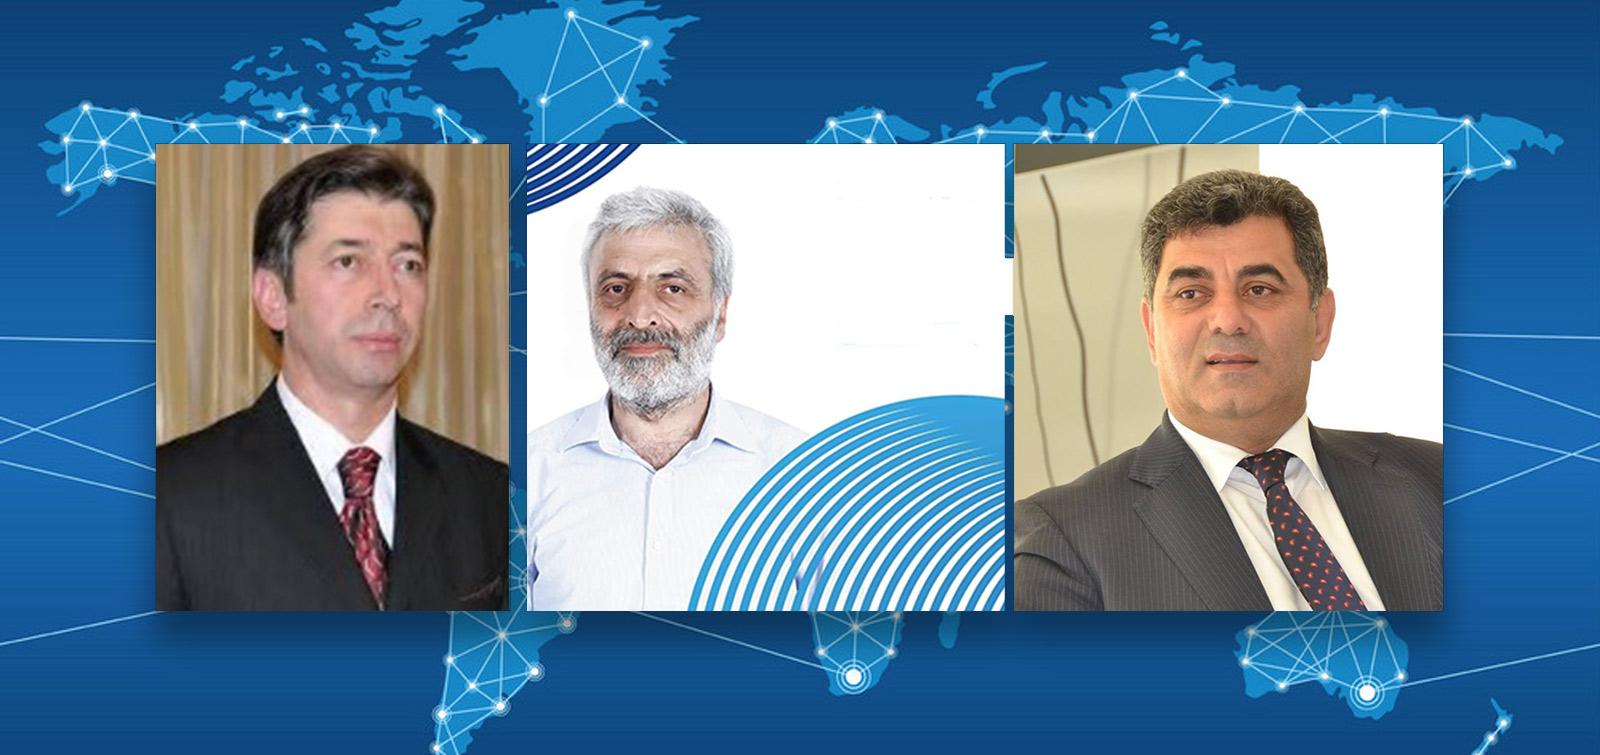 Xaricdəki azərbaycanlı professorlar: Qarabağ məsələsi qeyrət, namus, milli şərəf məsələsidir